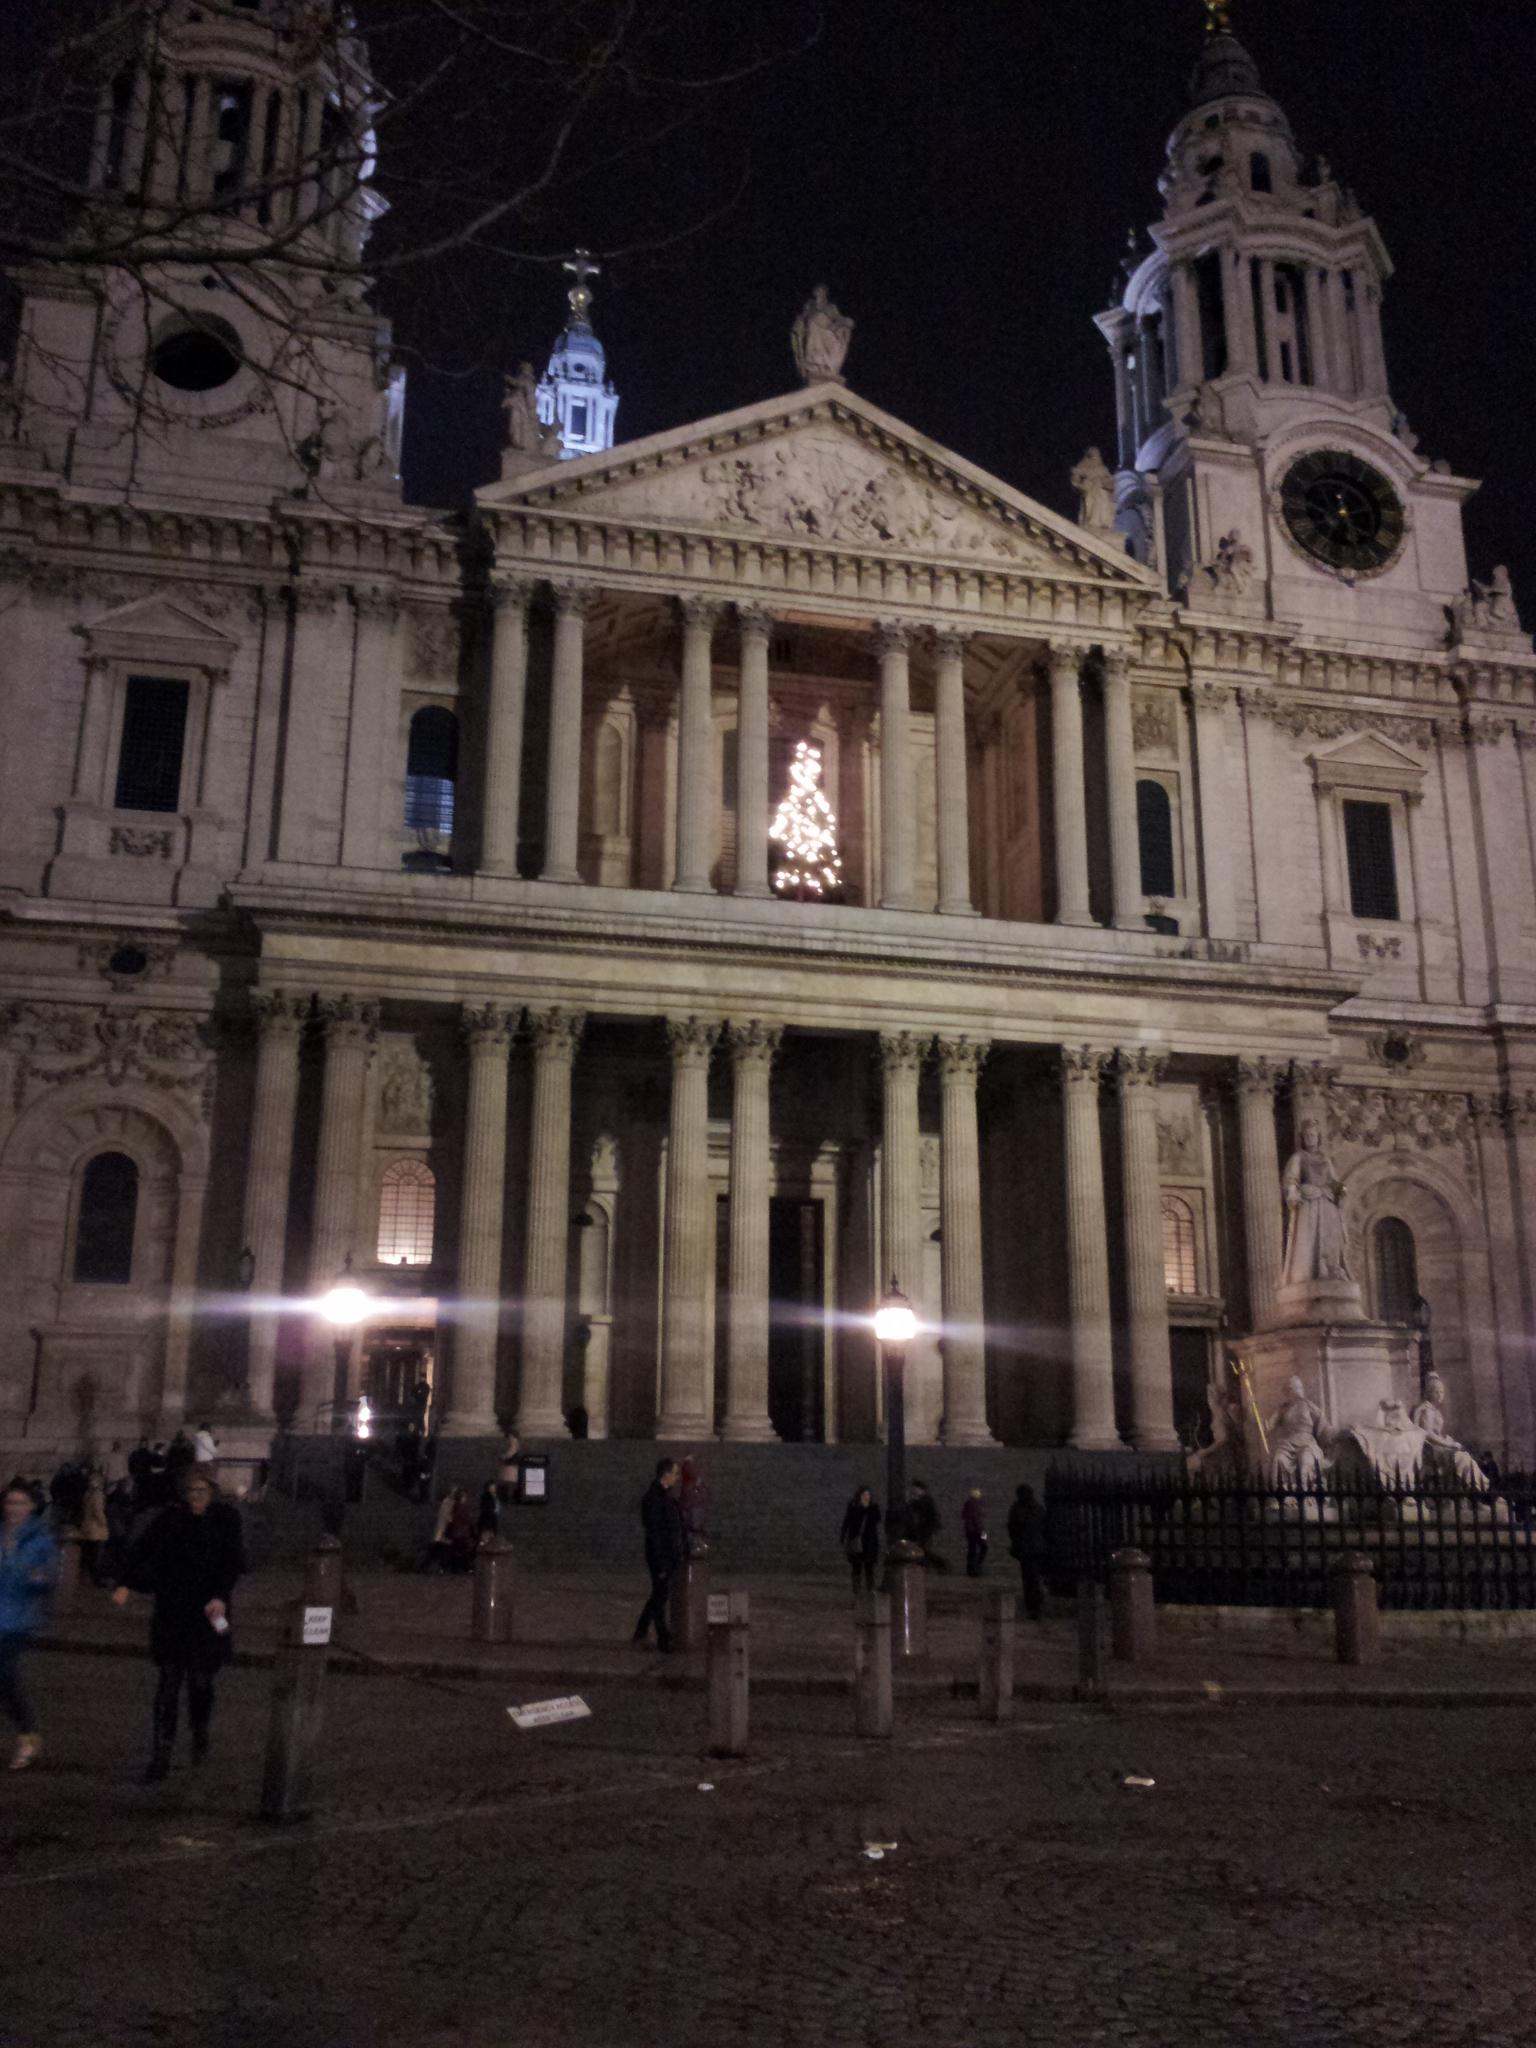 Christmas Carols at St Paul's Cathedral